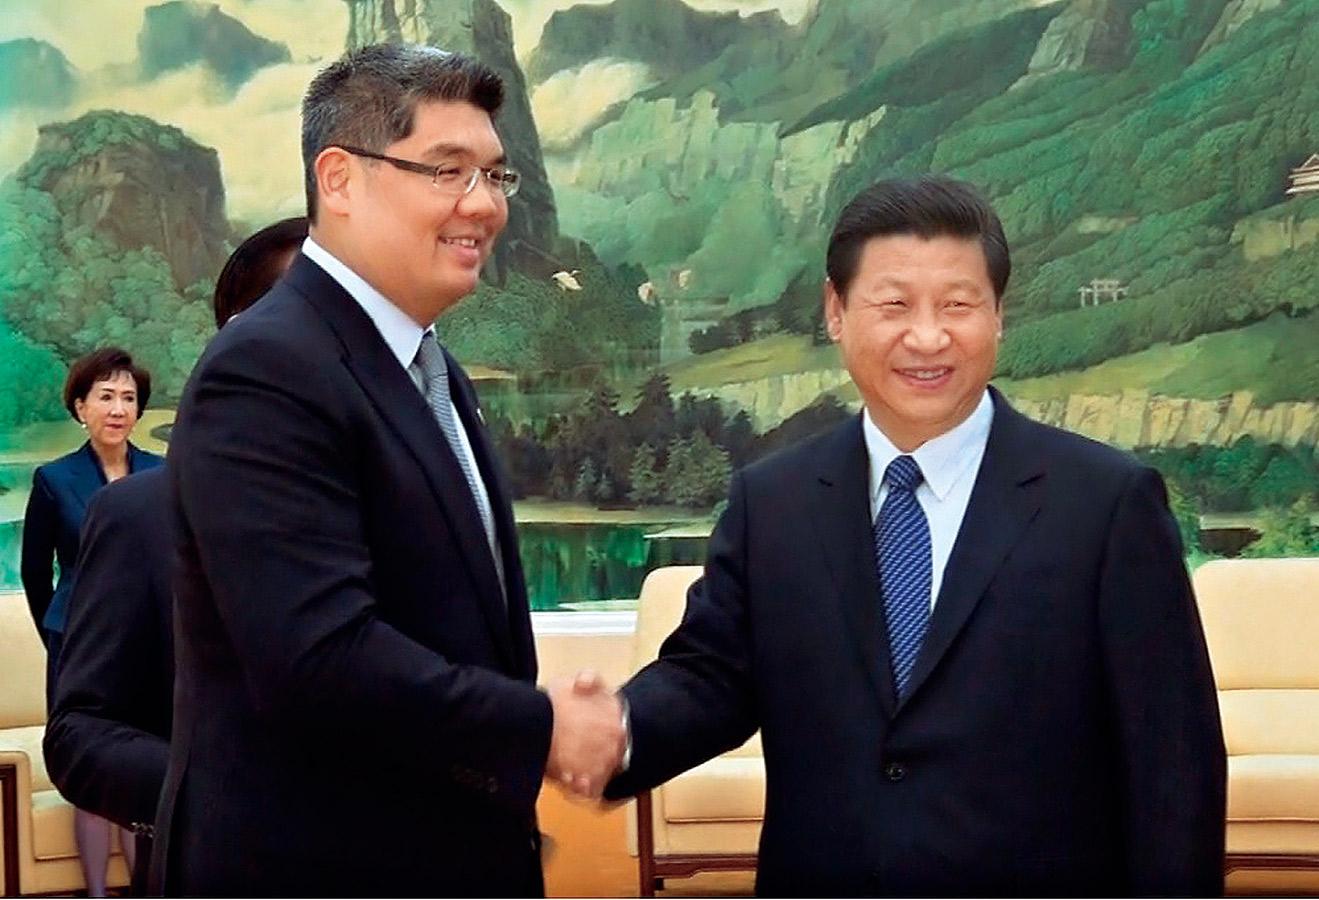 連家與中國領導人的密切關係,可能成為對手攻擊焦點。